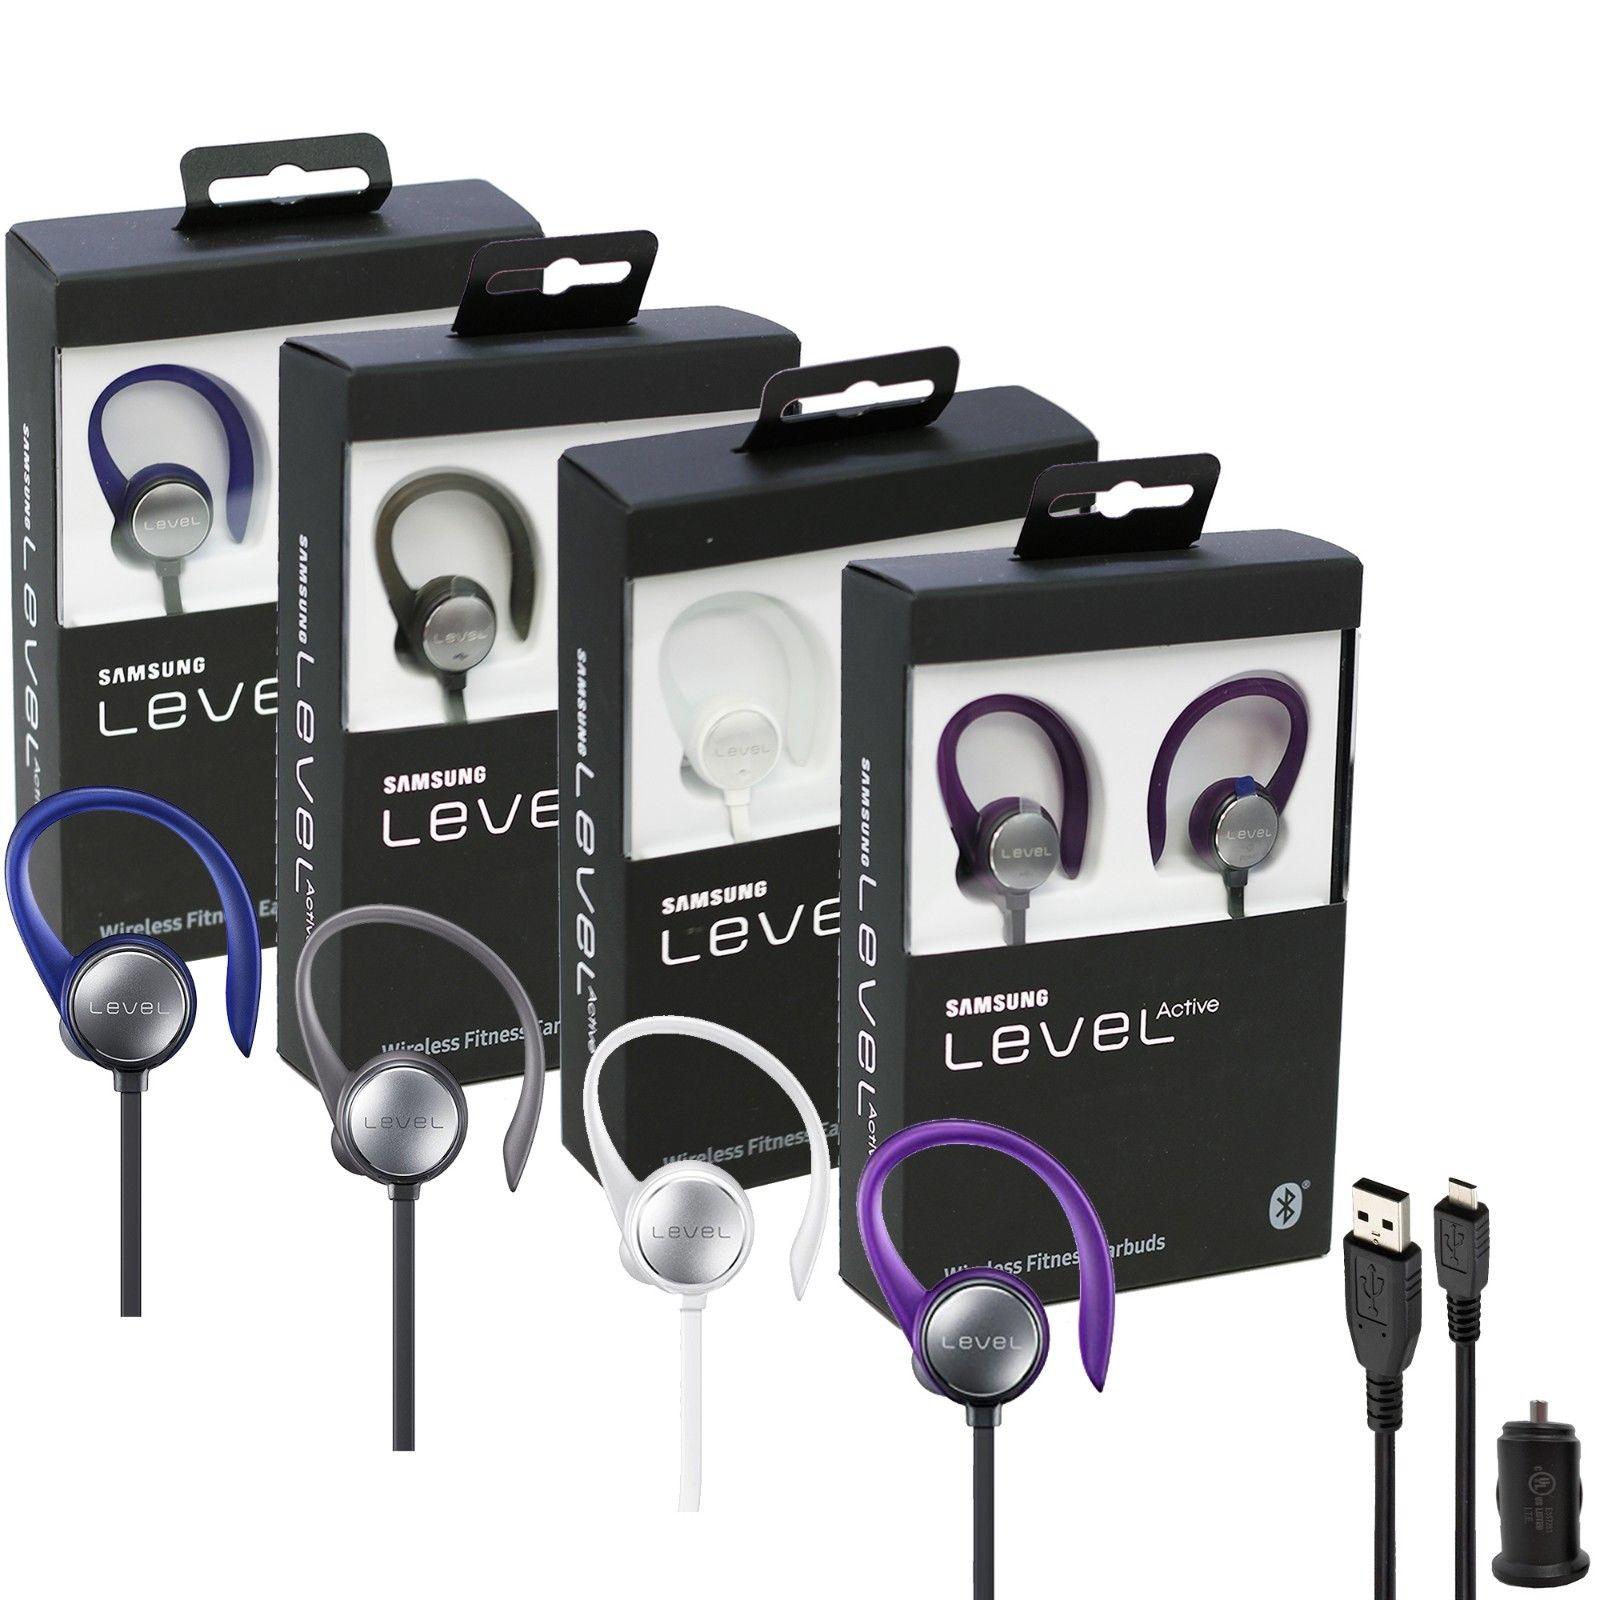 2d7cf1c4546 Samsung Level Active Behind the Neck Design Wireless Earphones